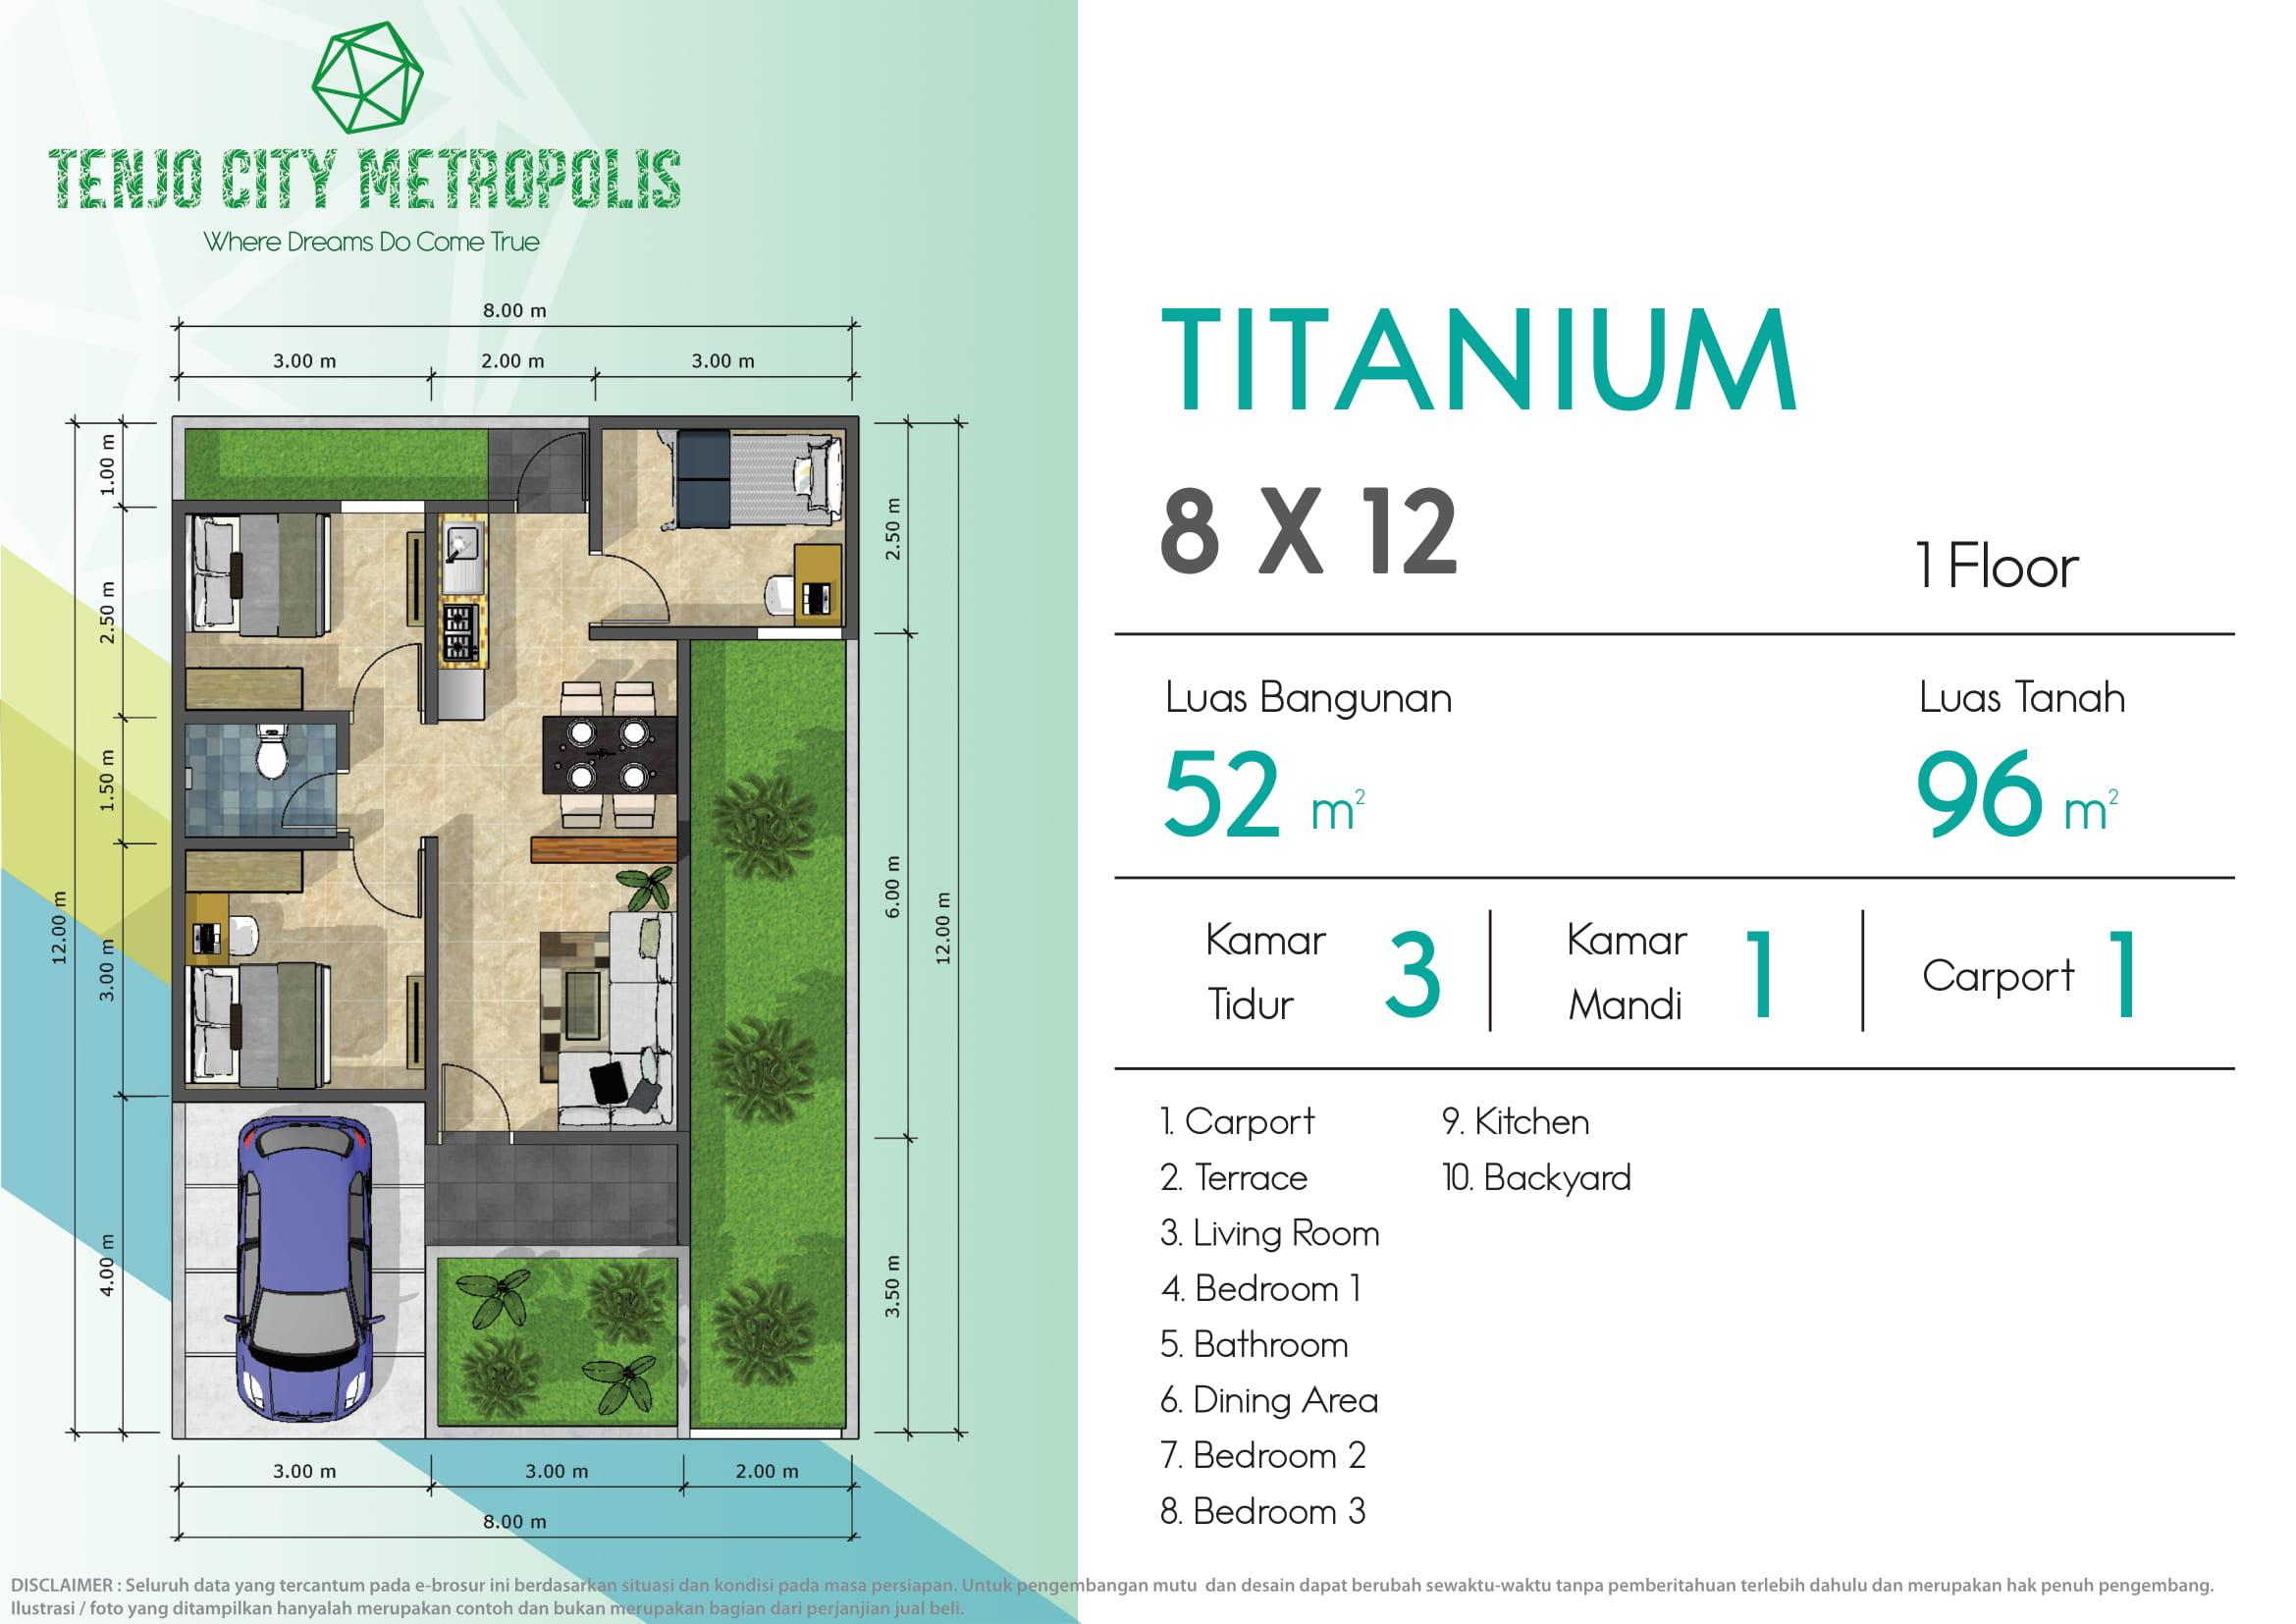 Image - TITANIUM 8 X 12 - Property Millennial - Cluster - Rumah - Apartemen - Ruko